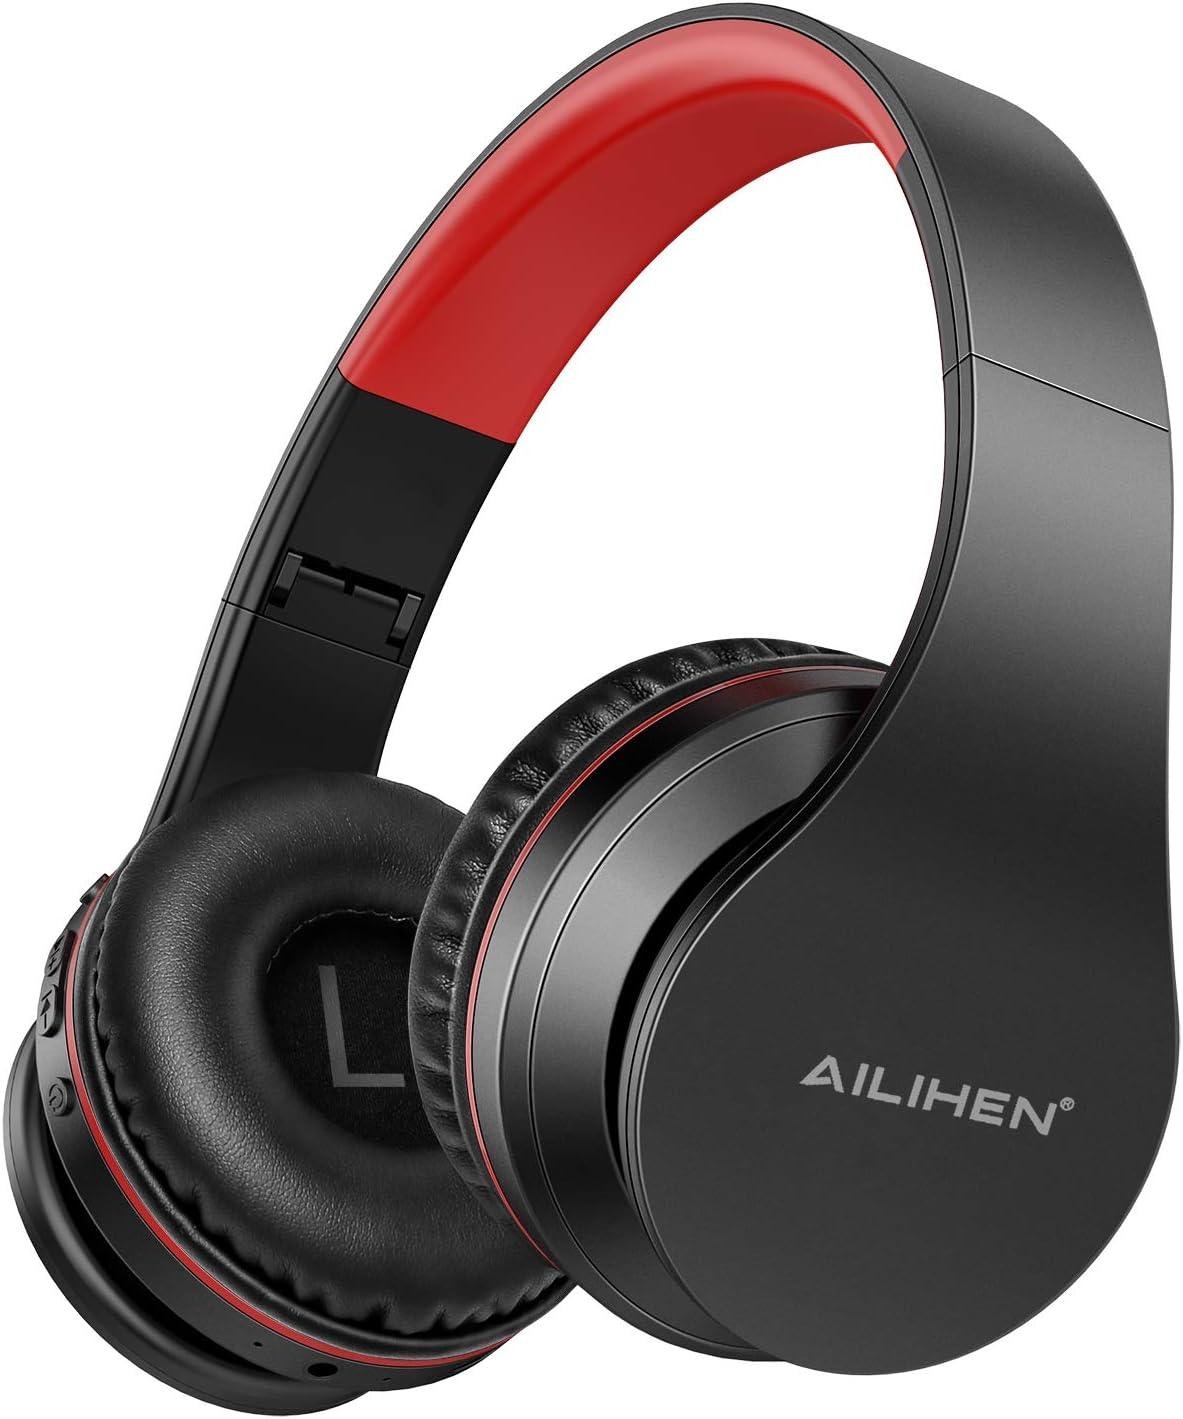 AILIHEN A80 Audífonos Inalámbricos Bluetooth 5.0 Plegables Sobre Oreja con Micrófono Hi-Fi Estéreo, Soporte con Tarjeta TF, Modo MP3, 25H Tiempo de Reproducción para Viajes TV PC Teléfono Móvil -negro